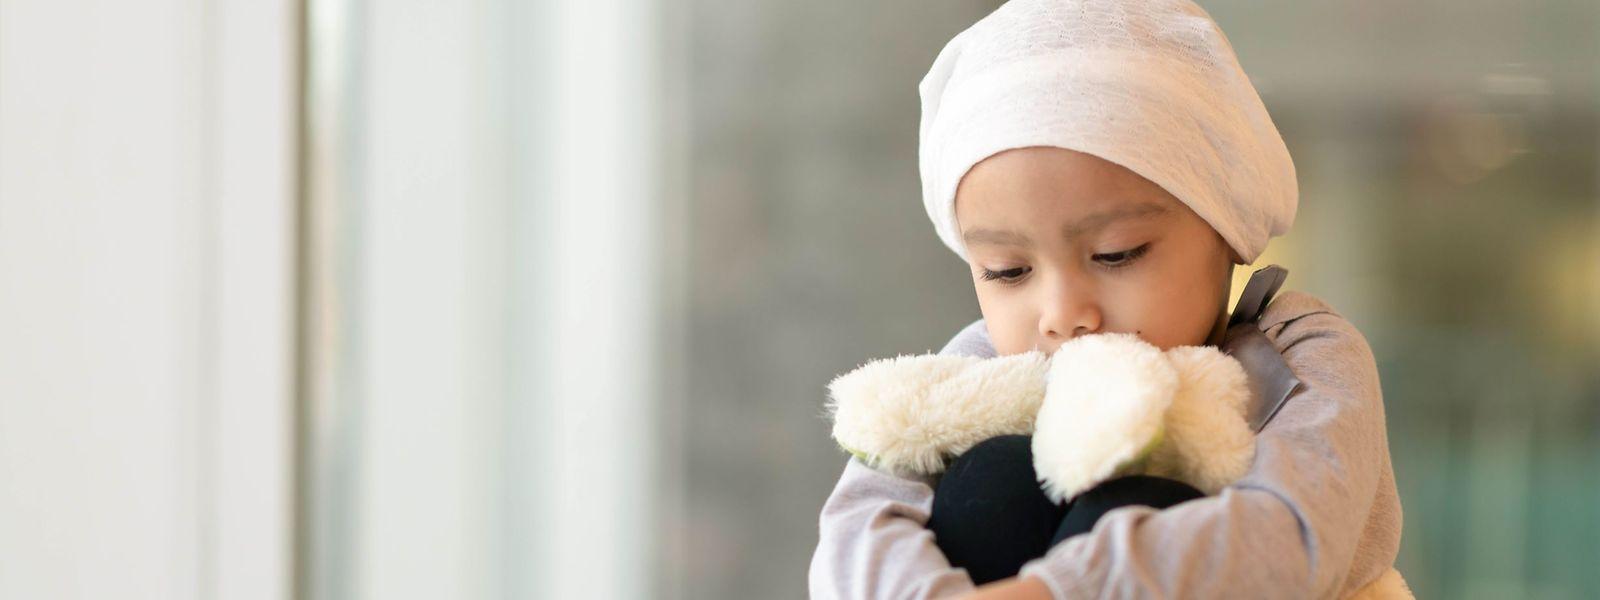 Die Diagnose Krebs ist für Kinder und ihre Angehörigen eine Katastrophe, doch die Forschung hat viele Fortschritte bei der Behandlung ermöglicht.